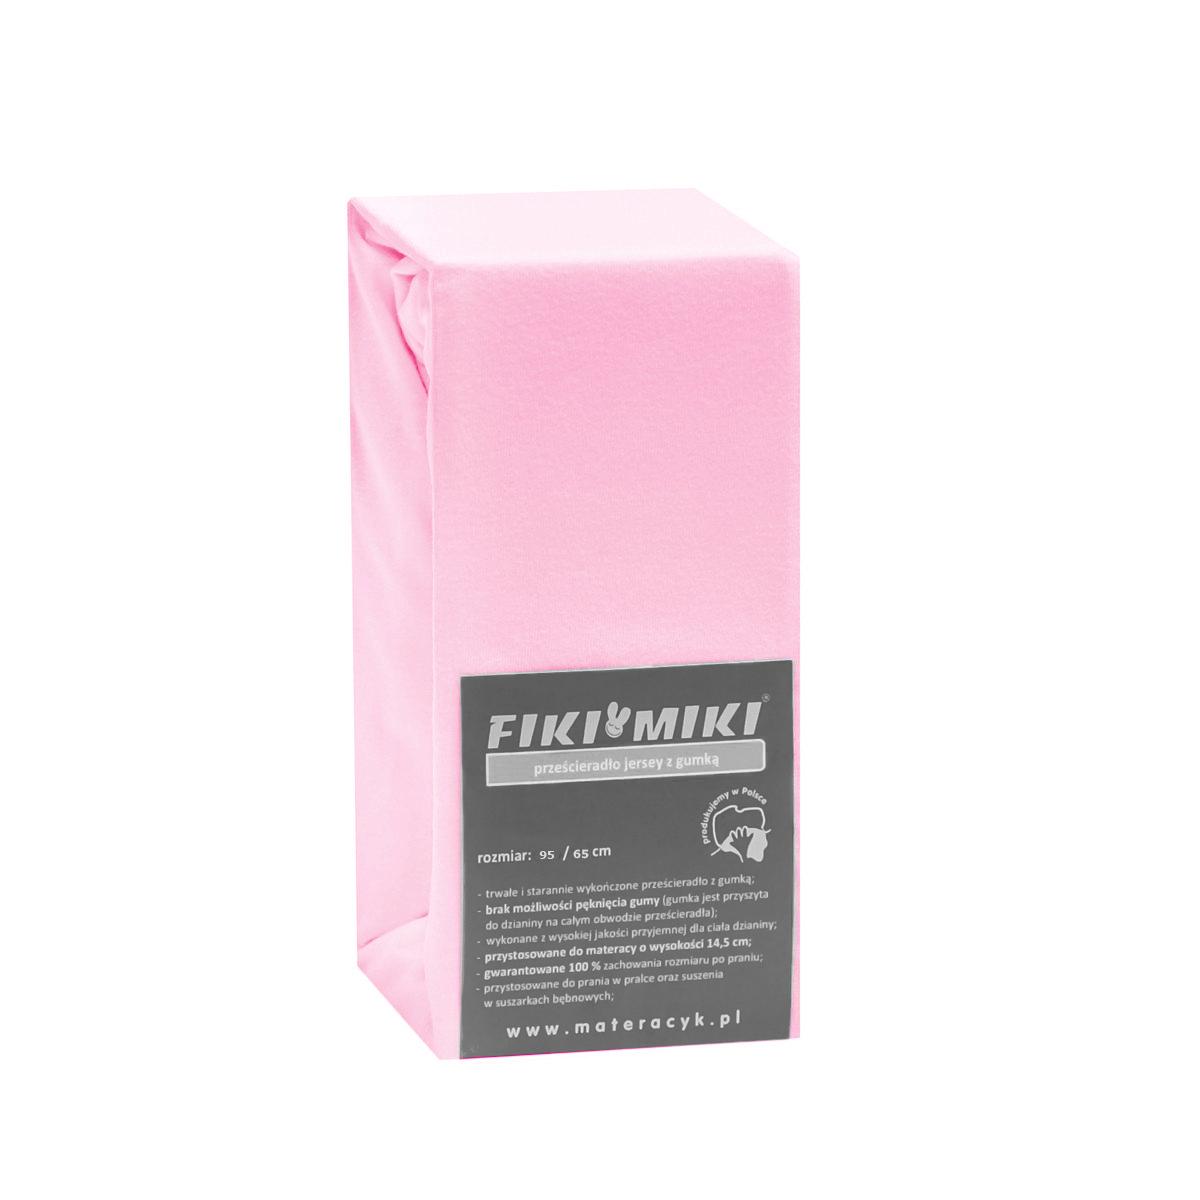 Cearsaf cu elastic jerse din bumbac roz 95/65 cm